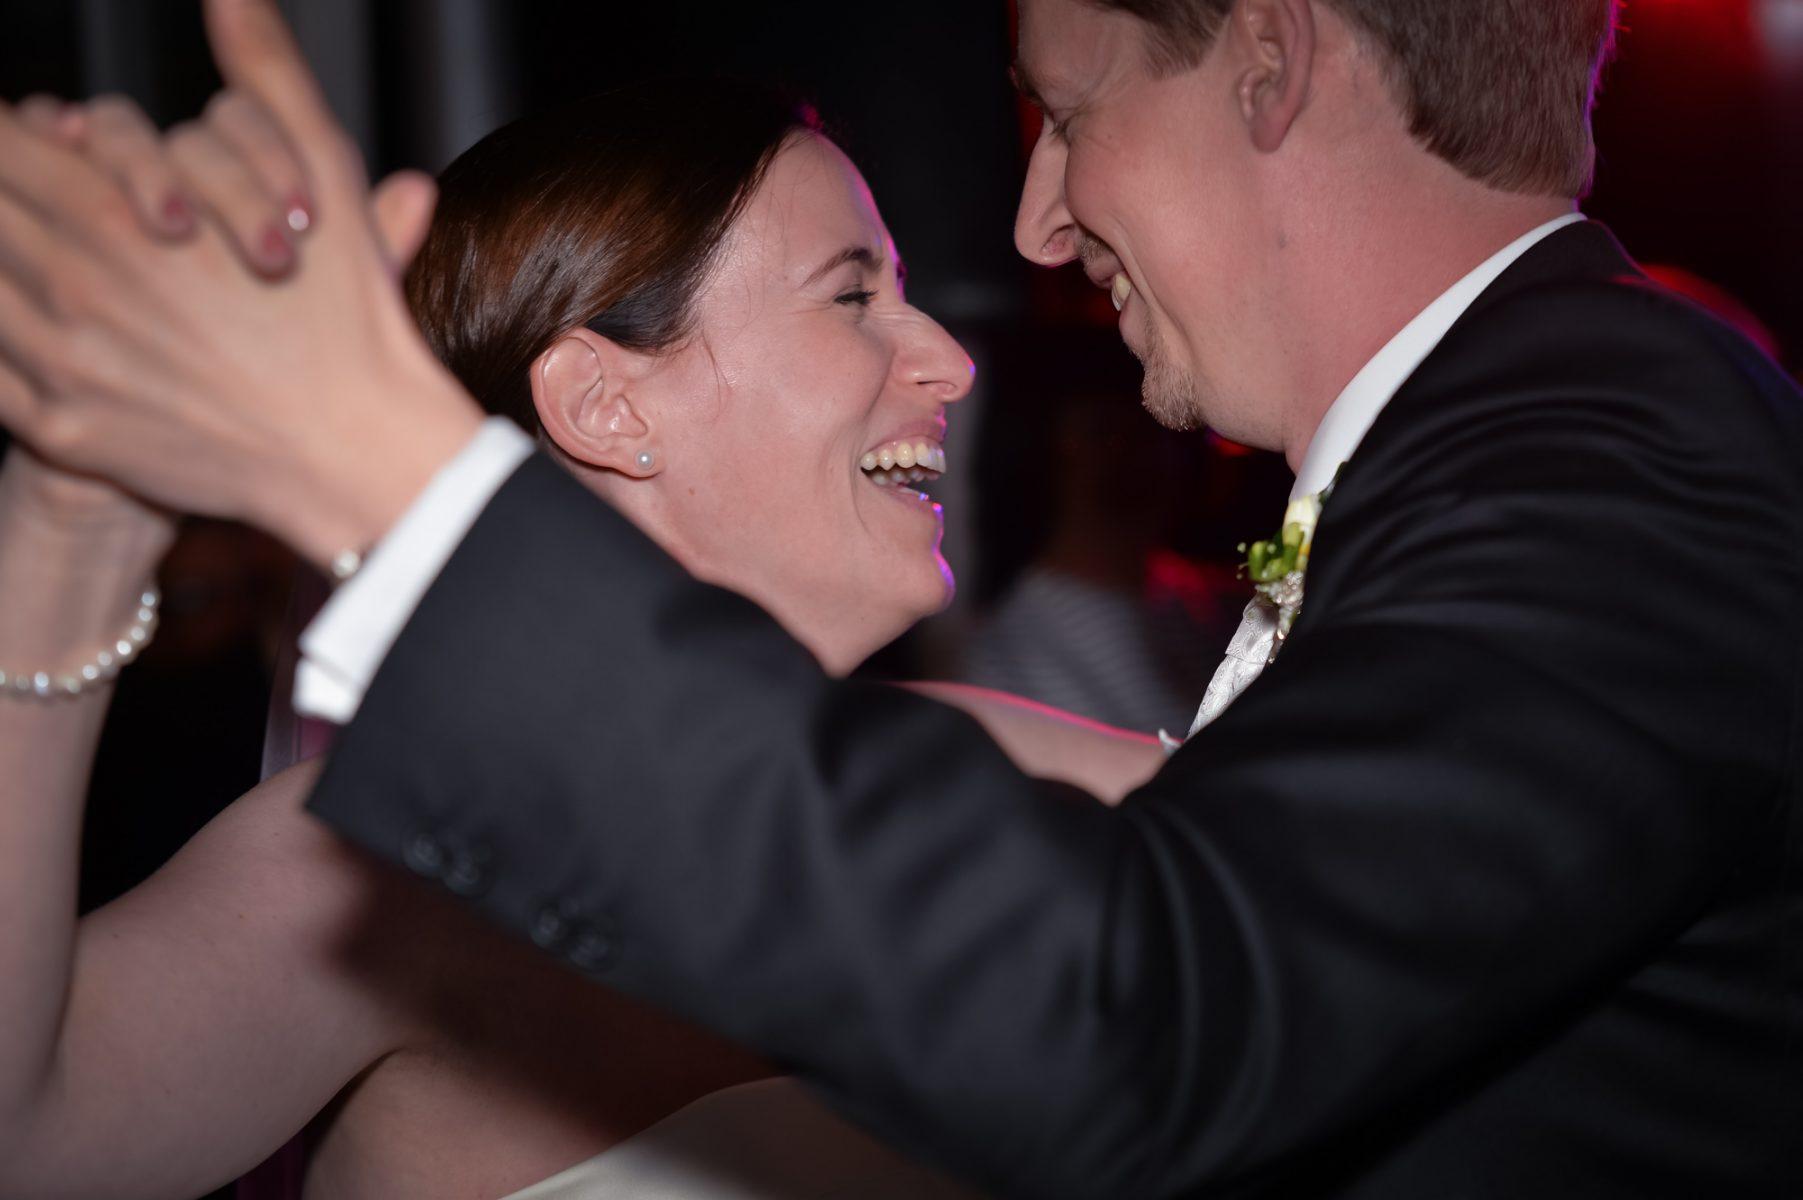 Hochzeit Feier  B2000 4254 1803x1200 - GRATULATION & EMOTION